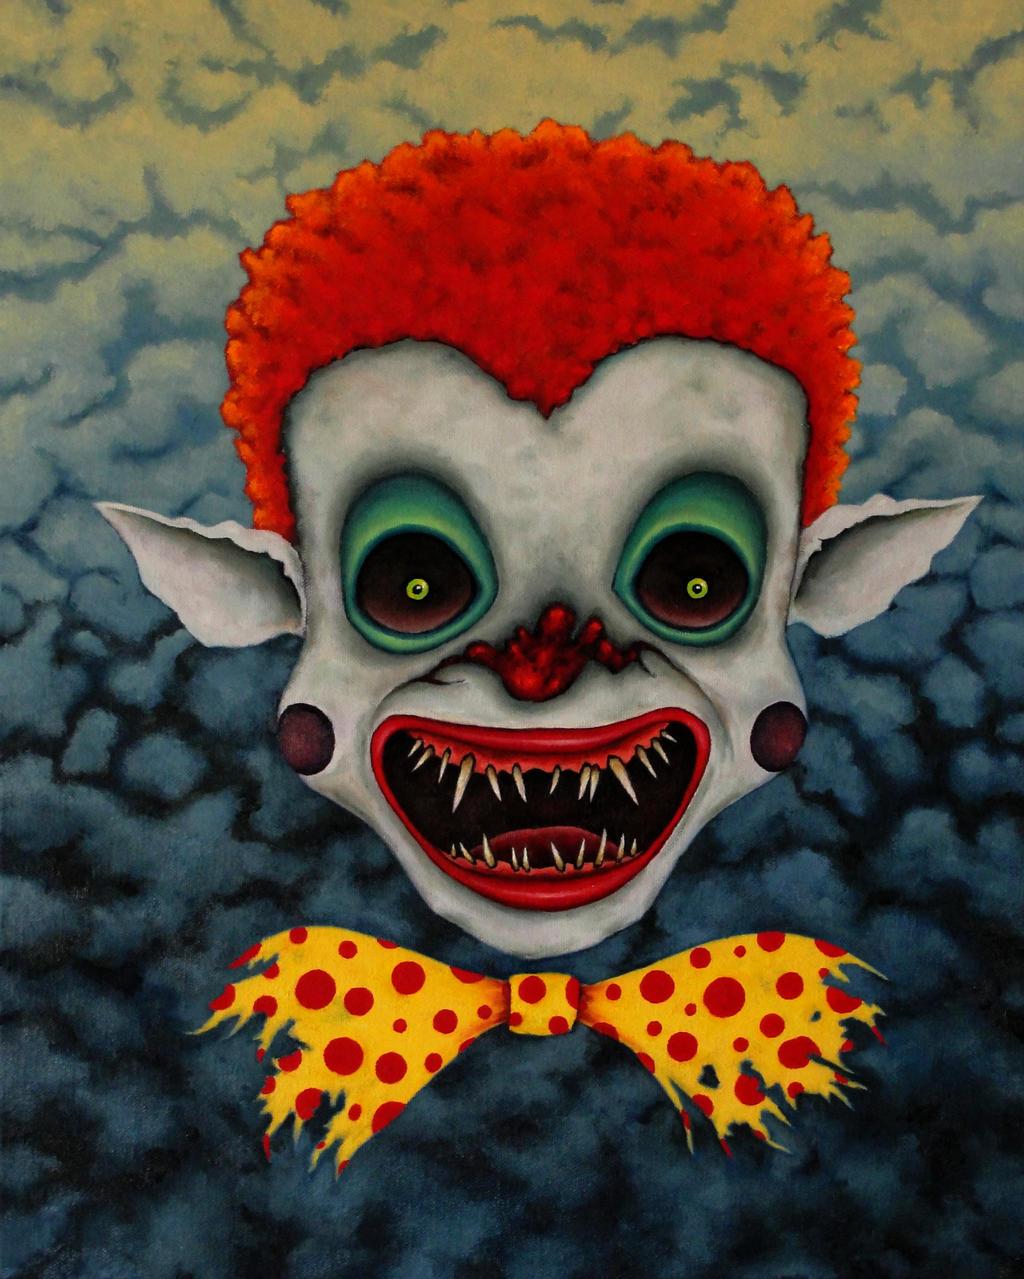 boys wallpaper the circus - photo #28